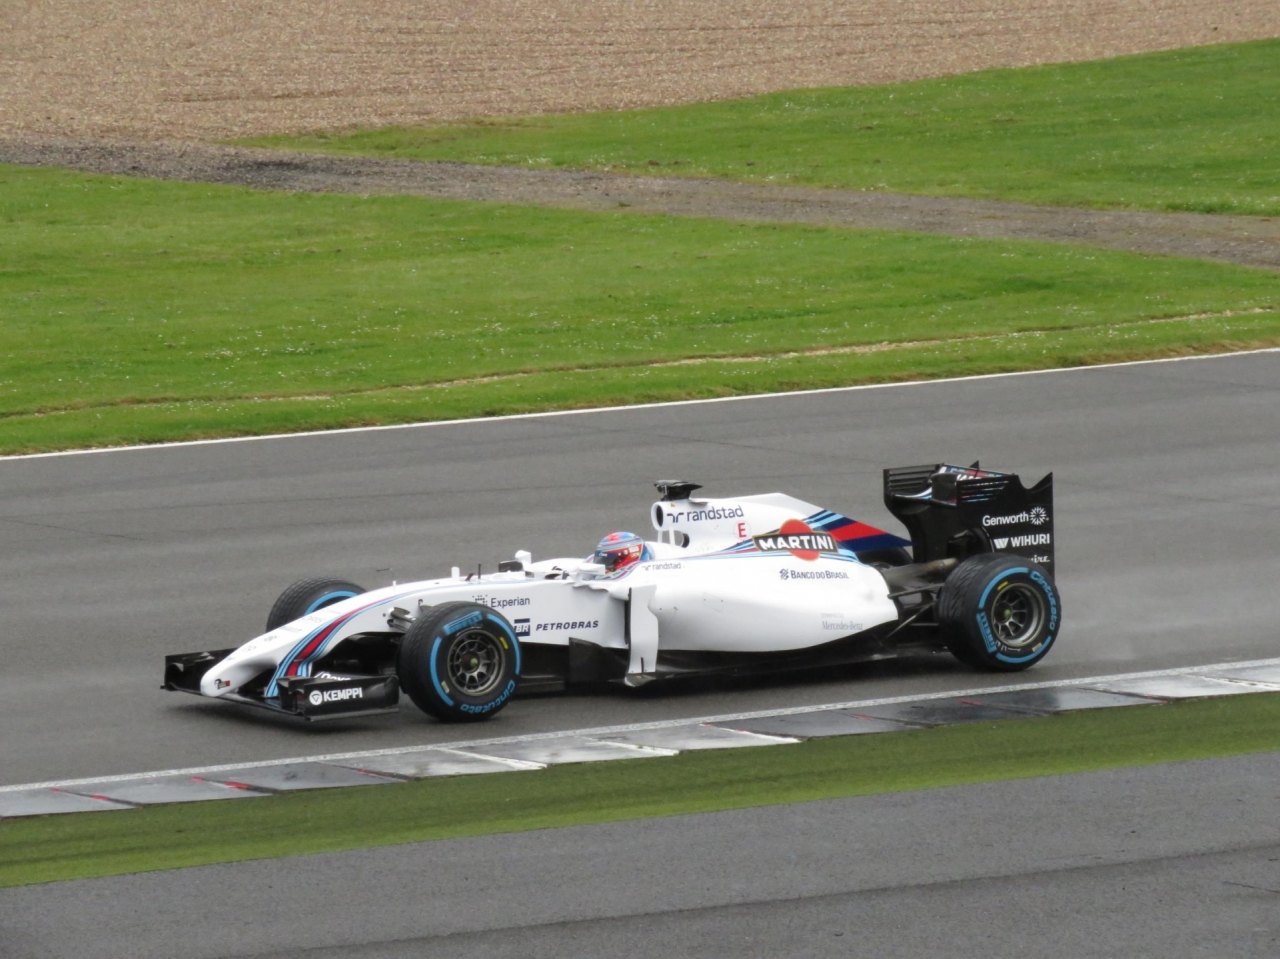 Silverstone Williams 40TH